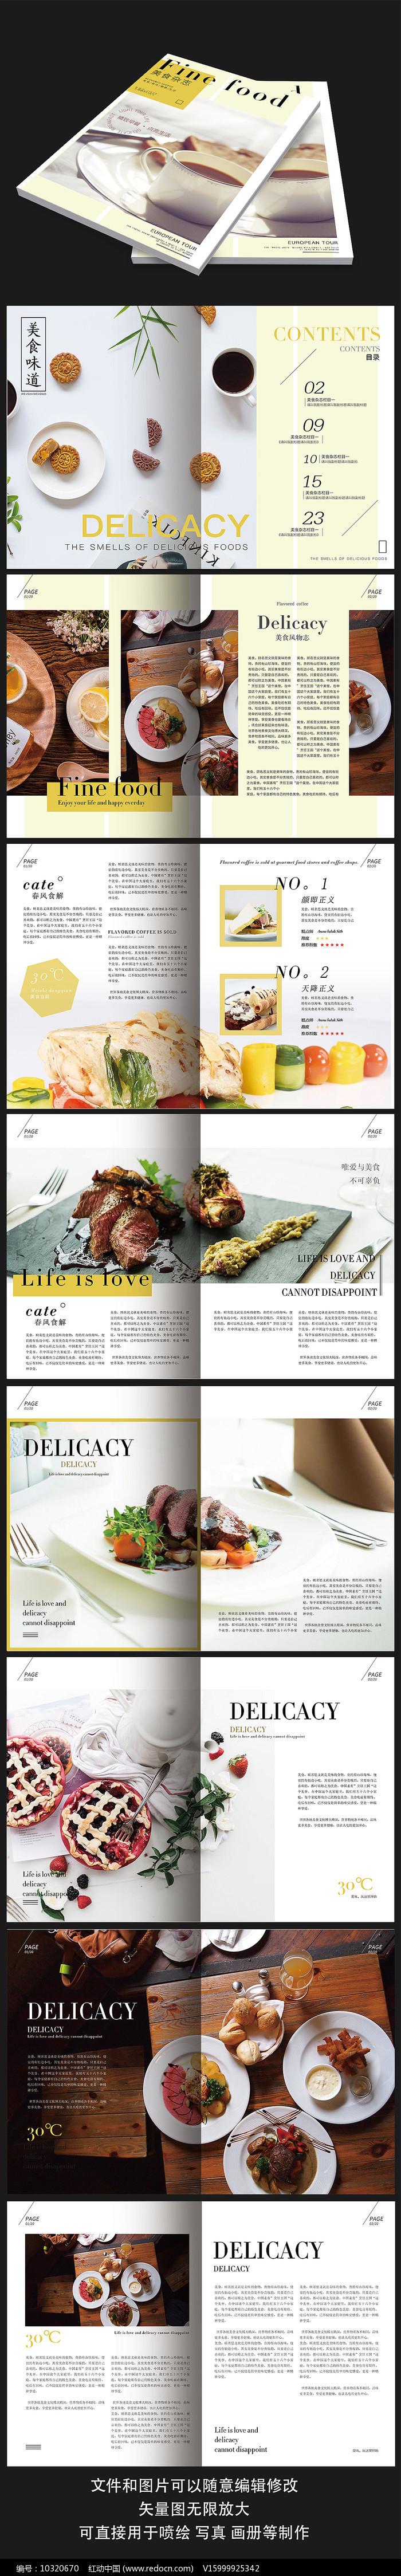 餐厅美食餐饮美食宣传册模板图片